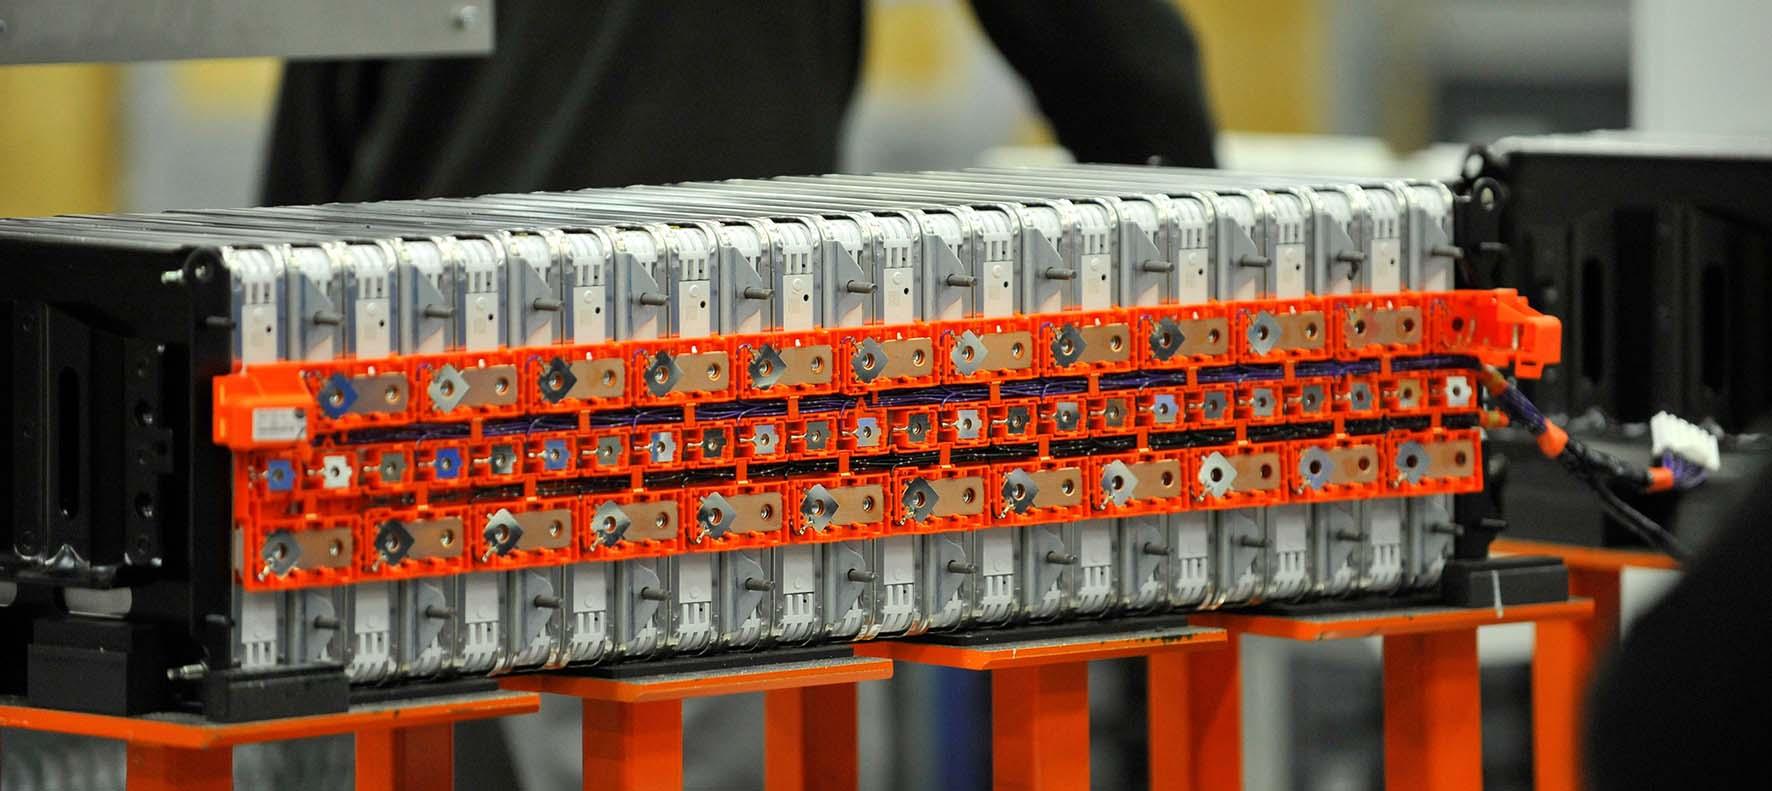 Nissan produzione batterie ioni litio 33